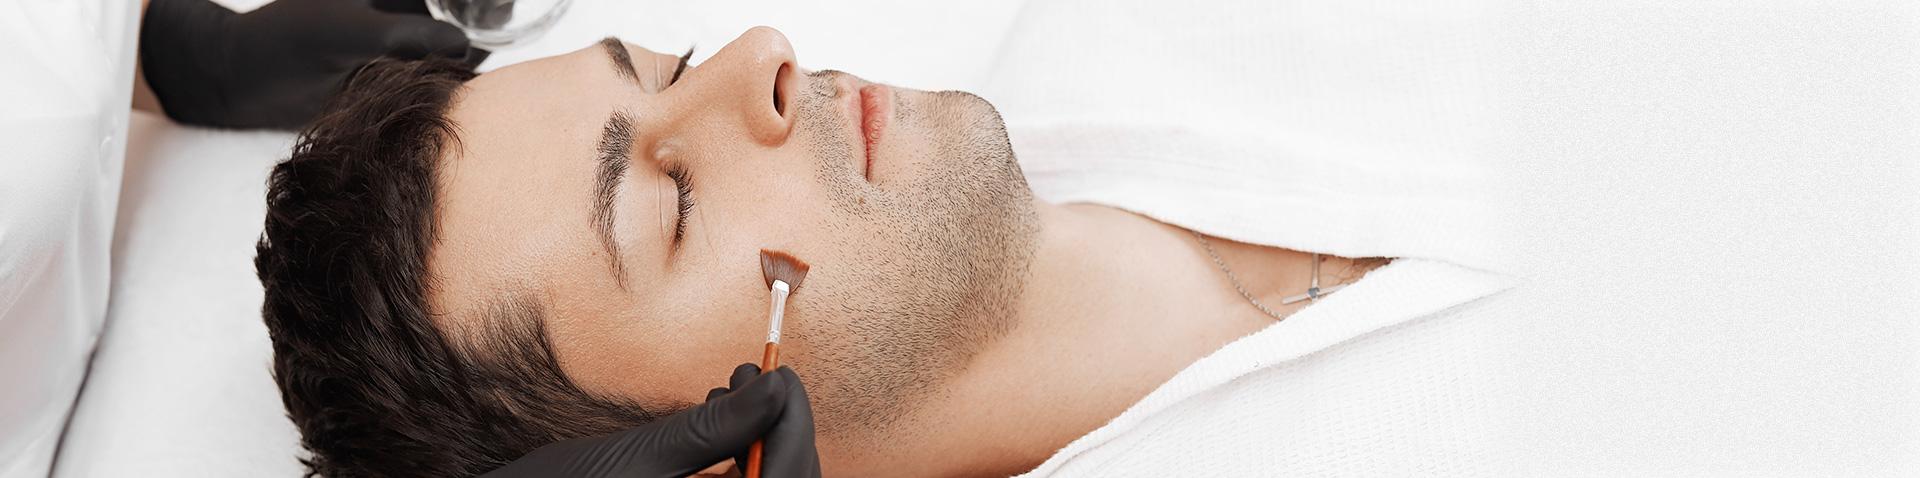 Peeling für Männer. Entspanntes Männergesicht in der Kosmetikbehandlung. Mit einem Pinsel wird ein Produkt aufgetragen